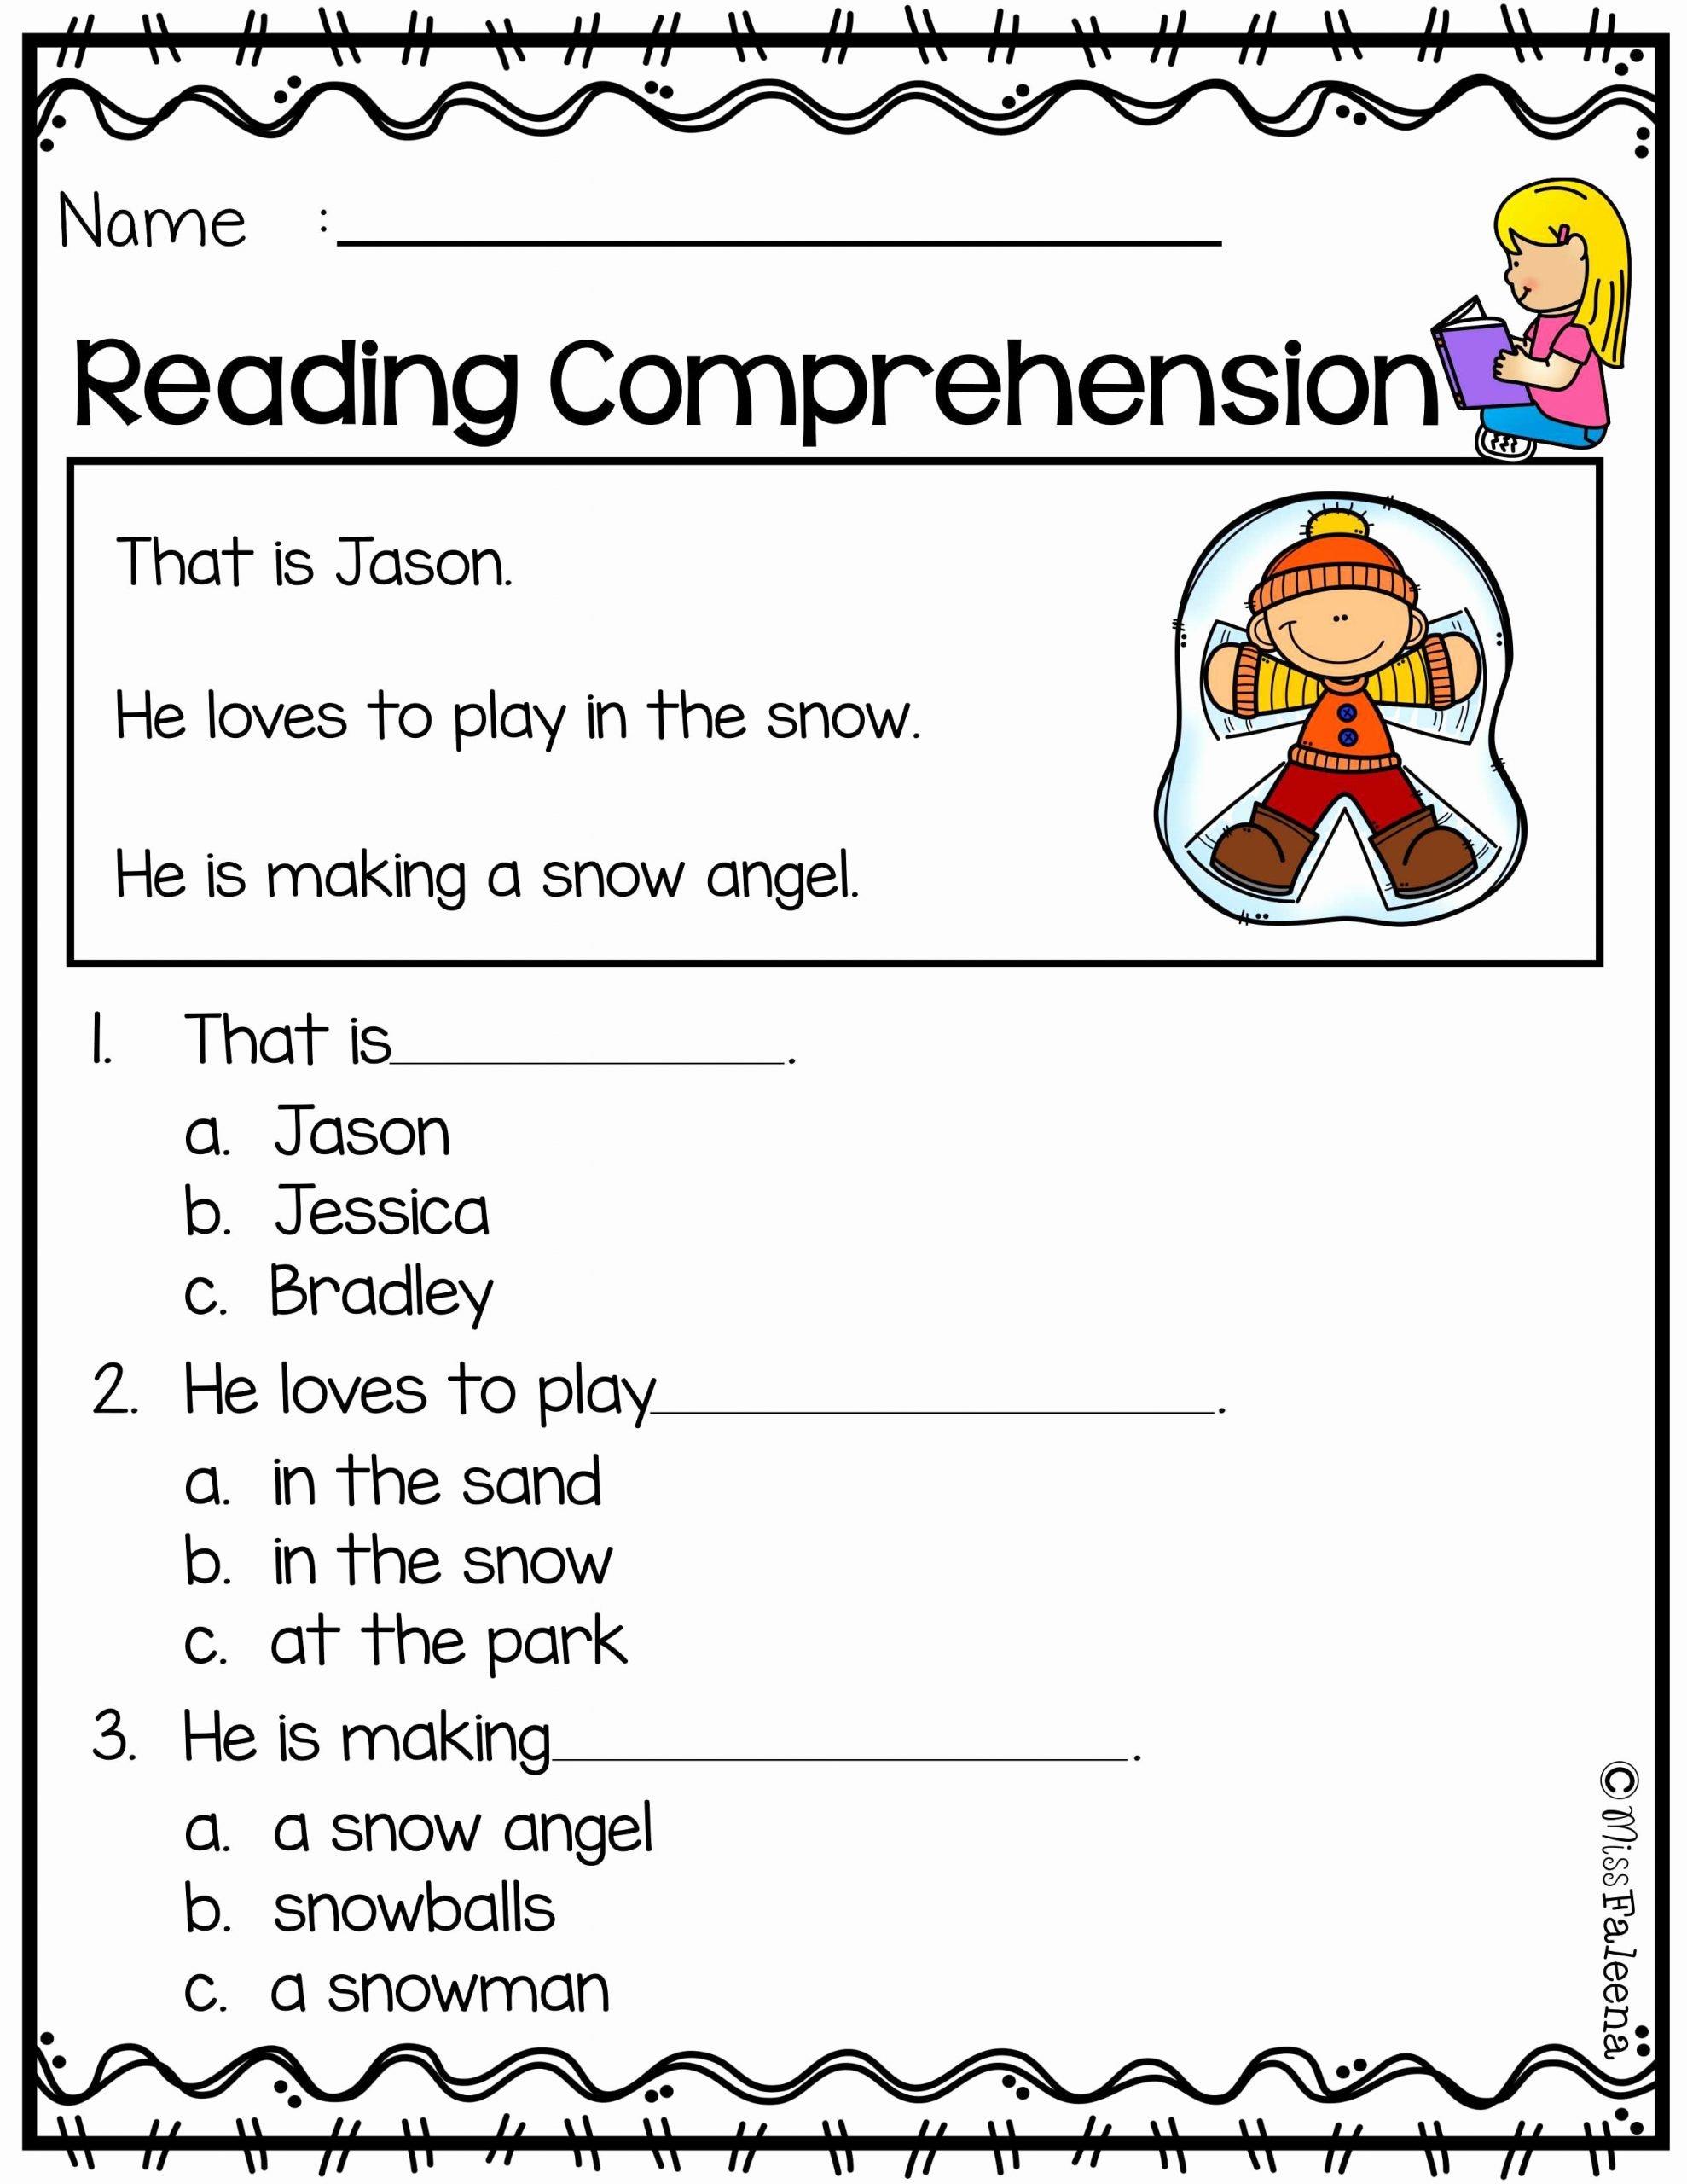 Reading Comprehension Worksheets for Kindergarten Kids Free Reading Prehension